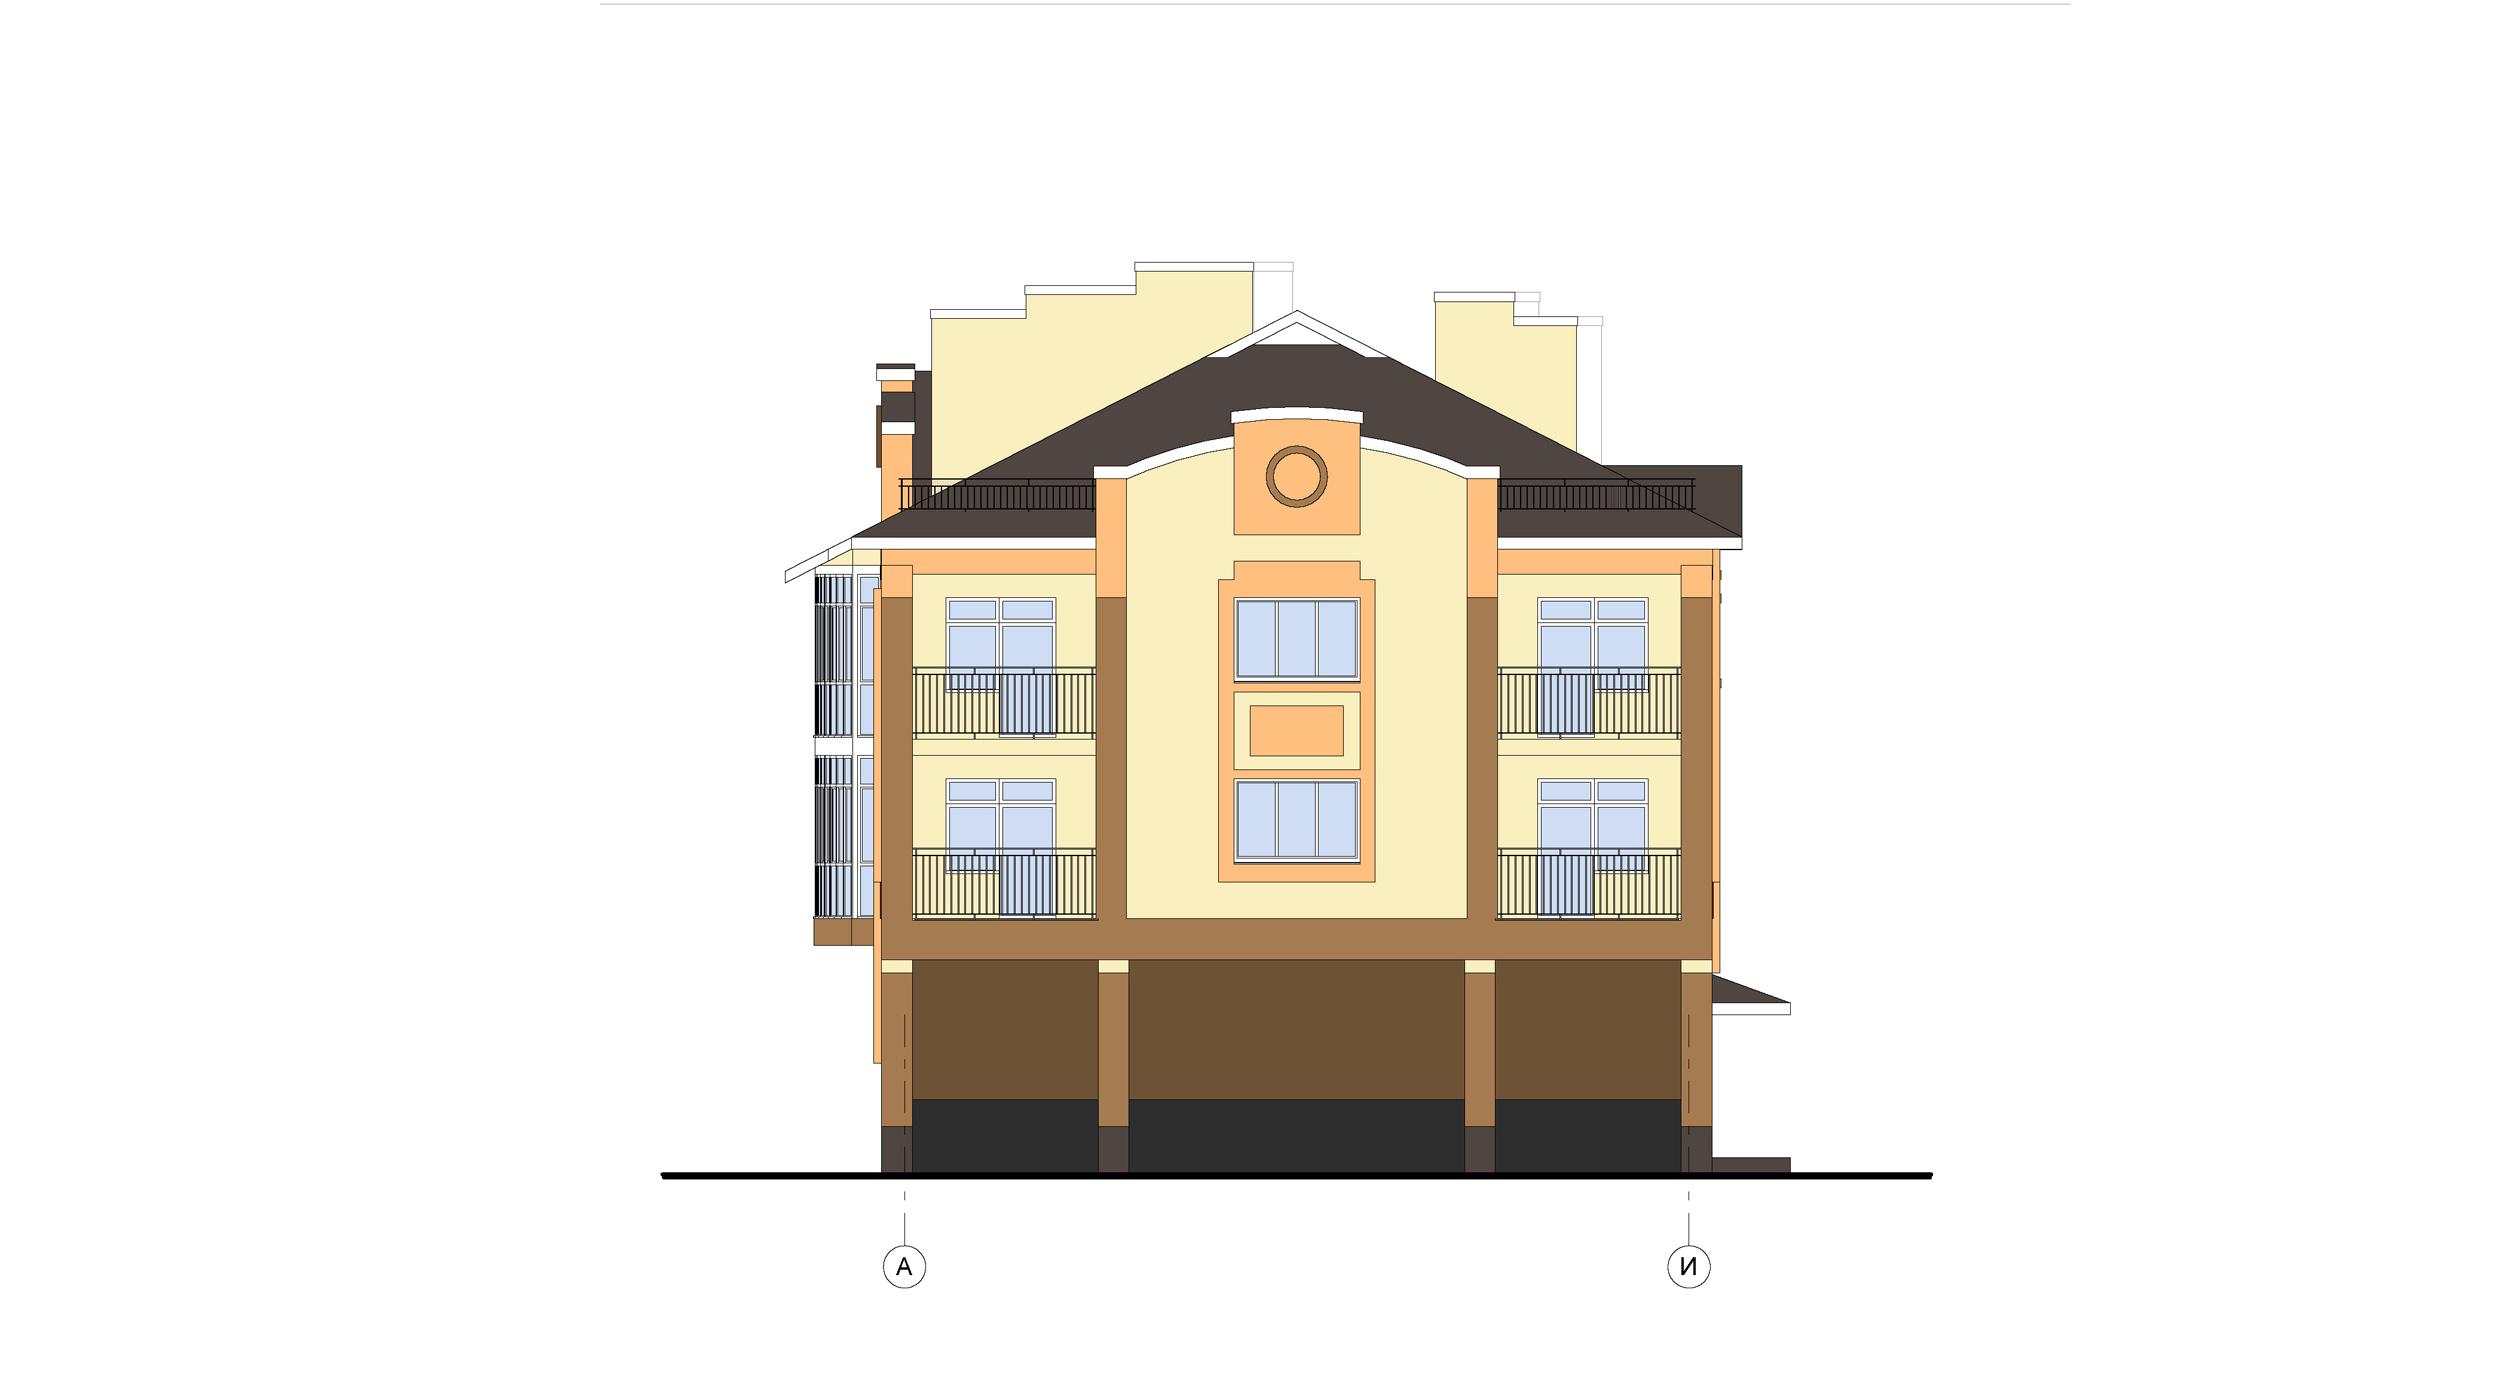 Проект 3-х этажного многоквартирного дома. Фасад в осях А-И